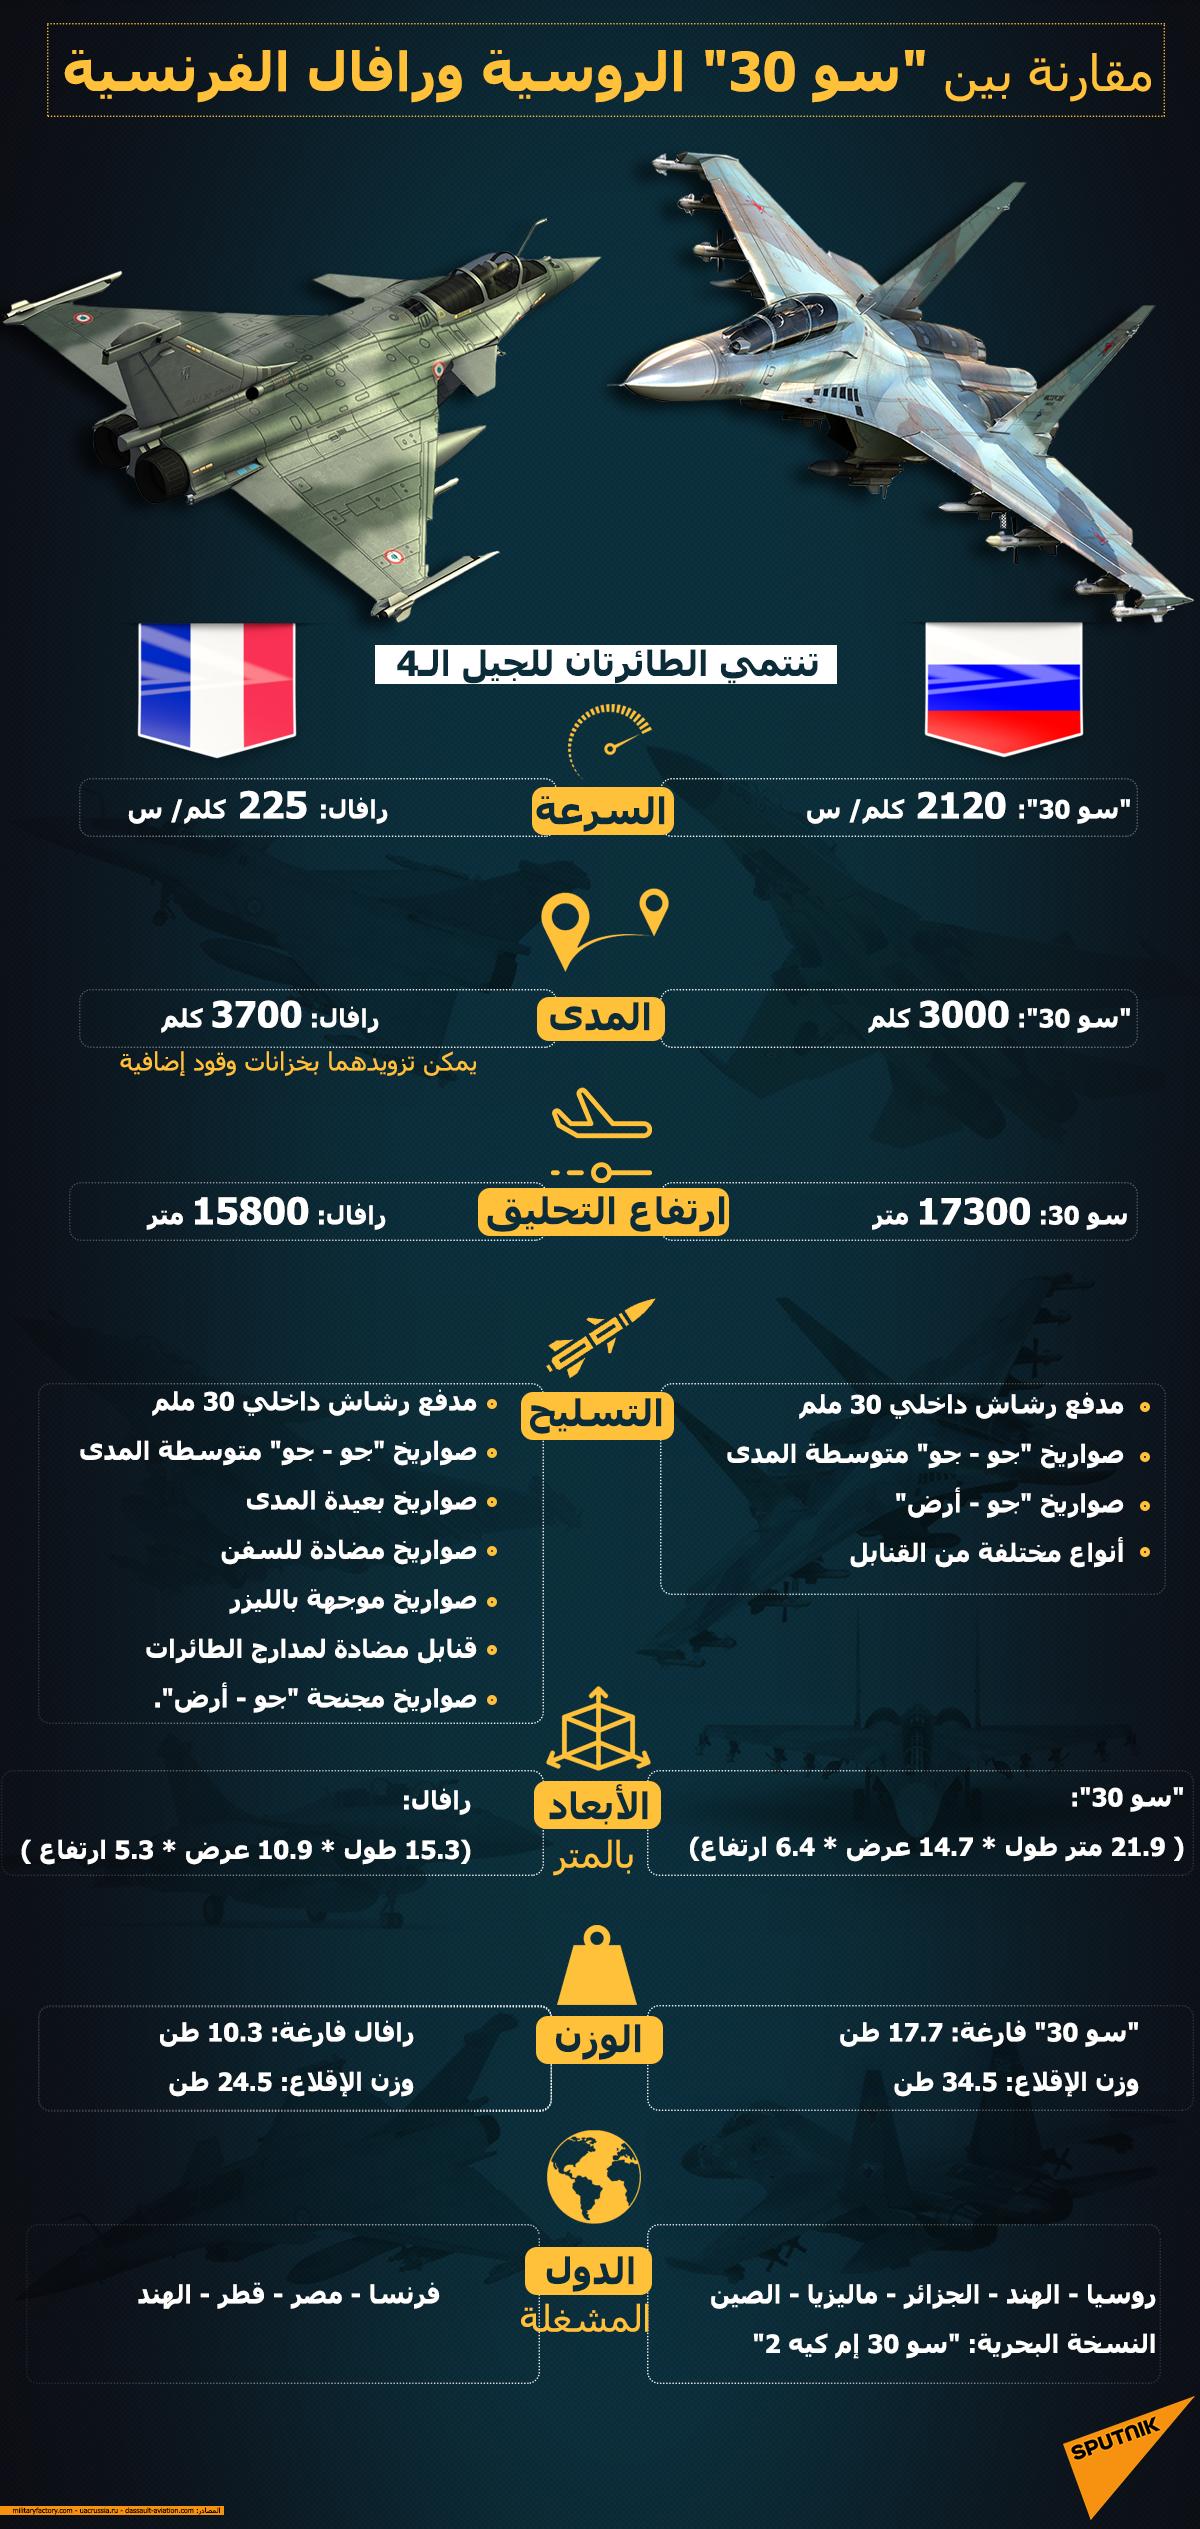 مقارنة بين سو 30 الروسية ورافال الفرنسية